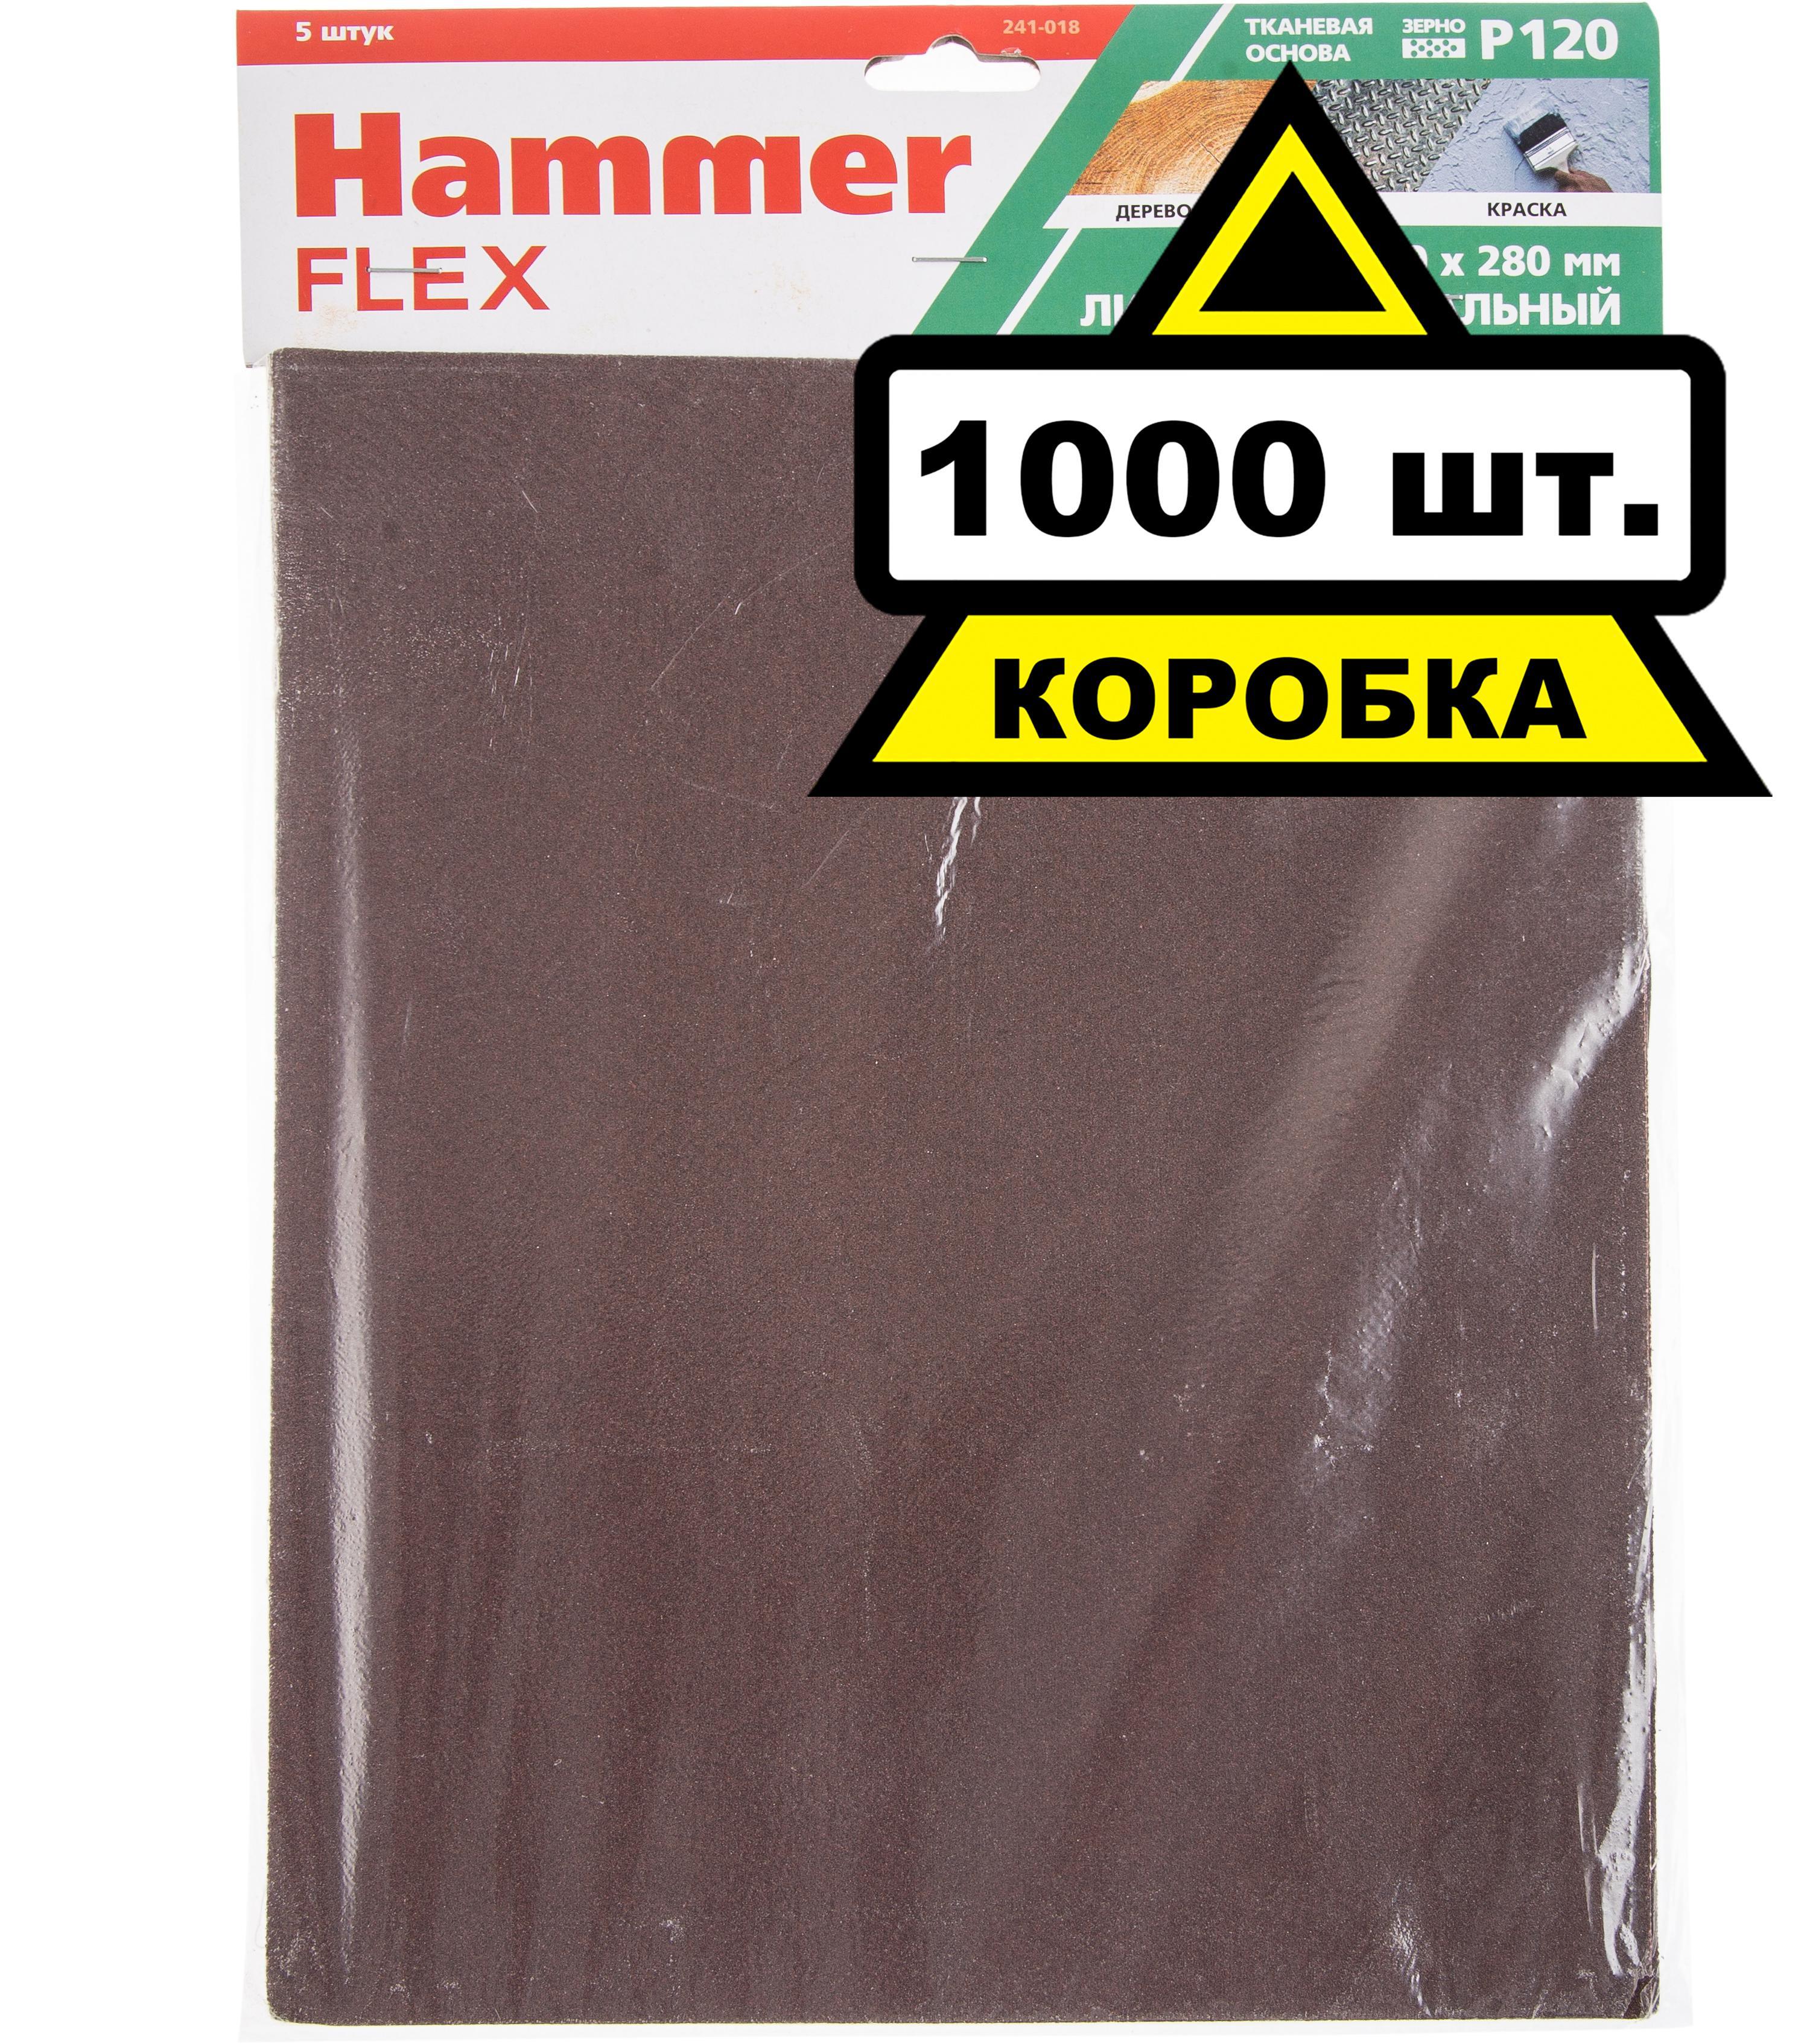 Купить Лист шлифовальный Hammer 230x280мм p120 тканевая основа